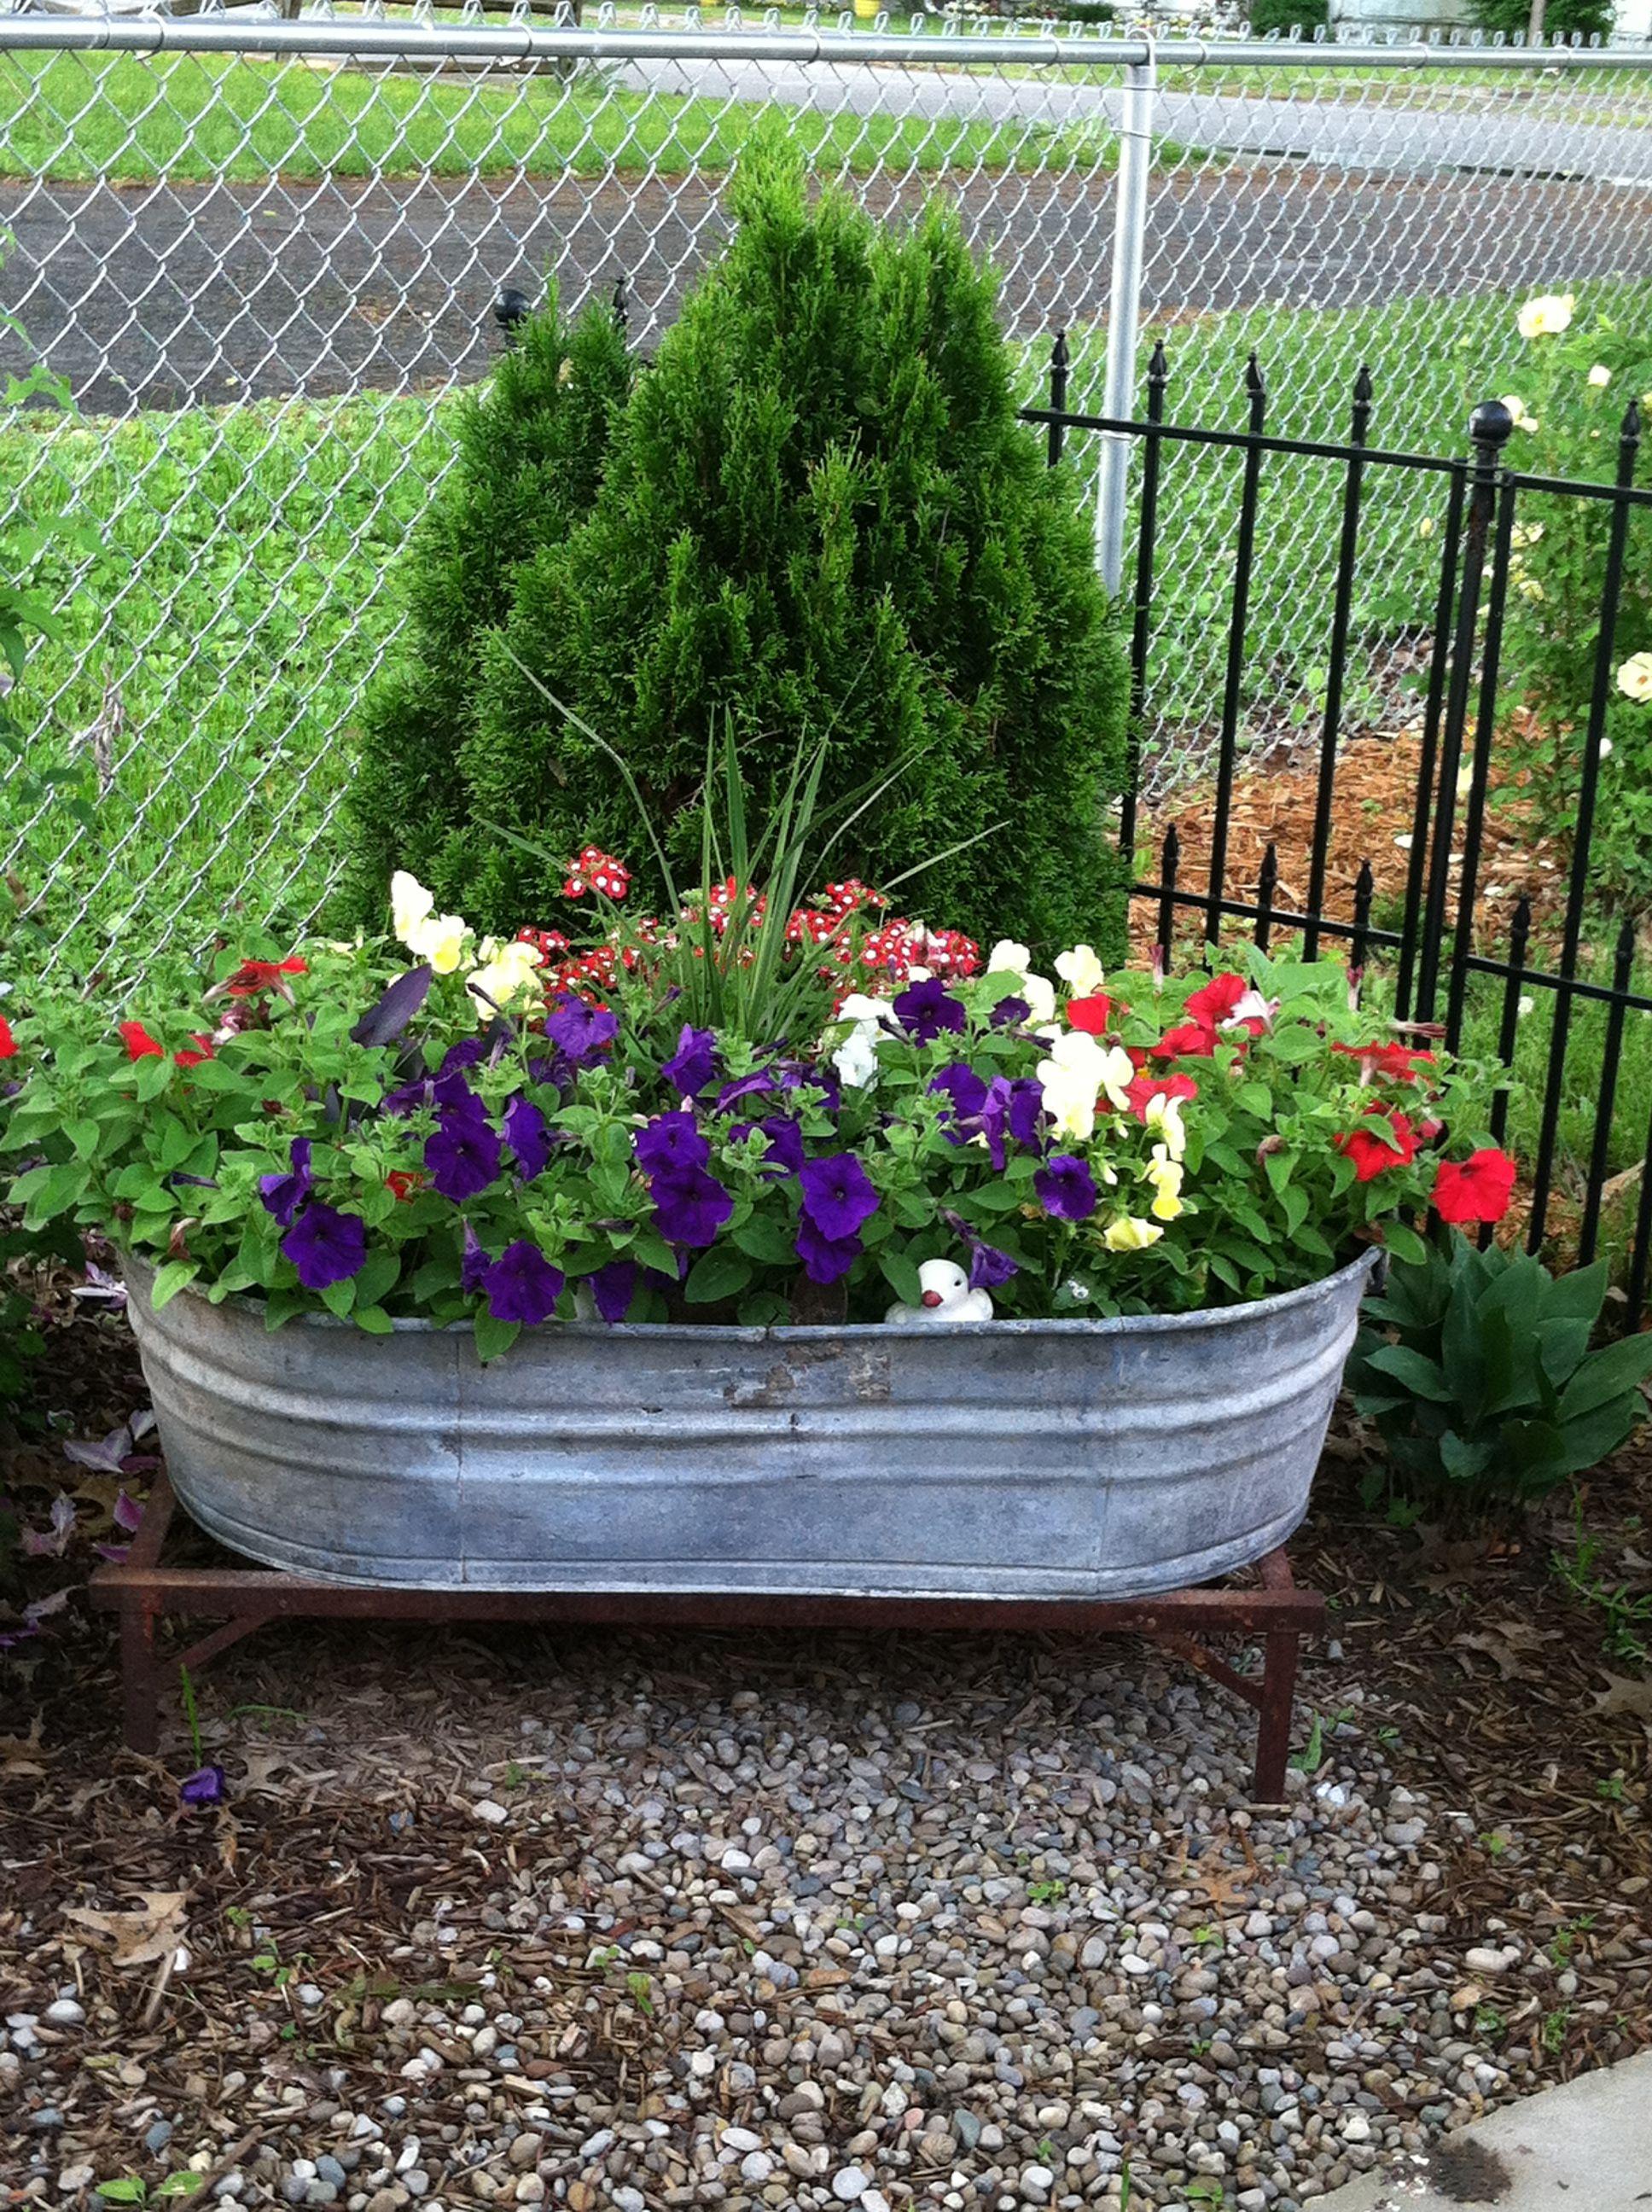 Antique Washtub On Metal Stand Container Gardening Diy Garden Plants